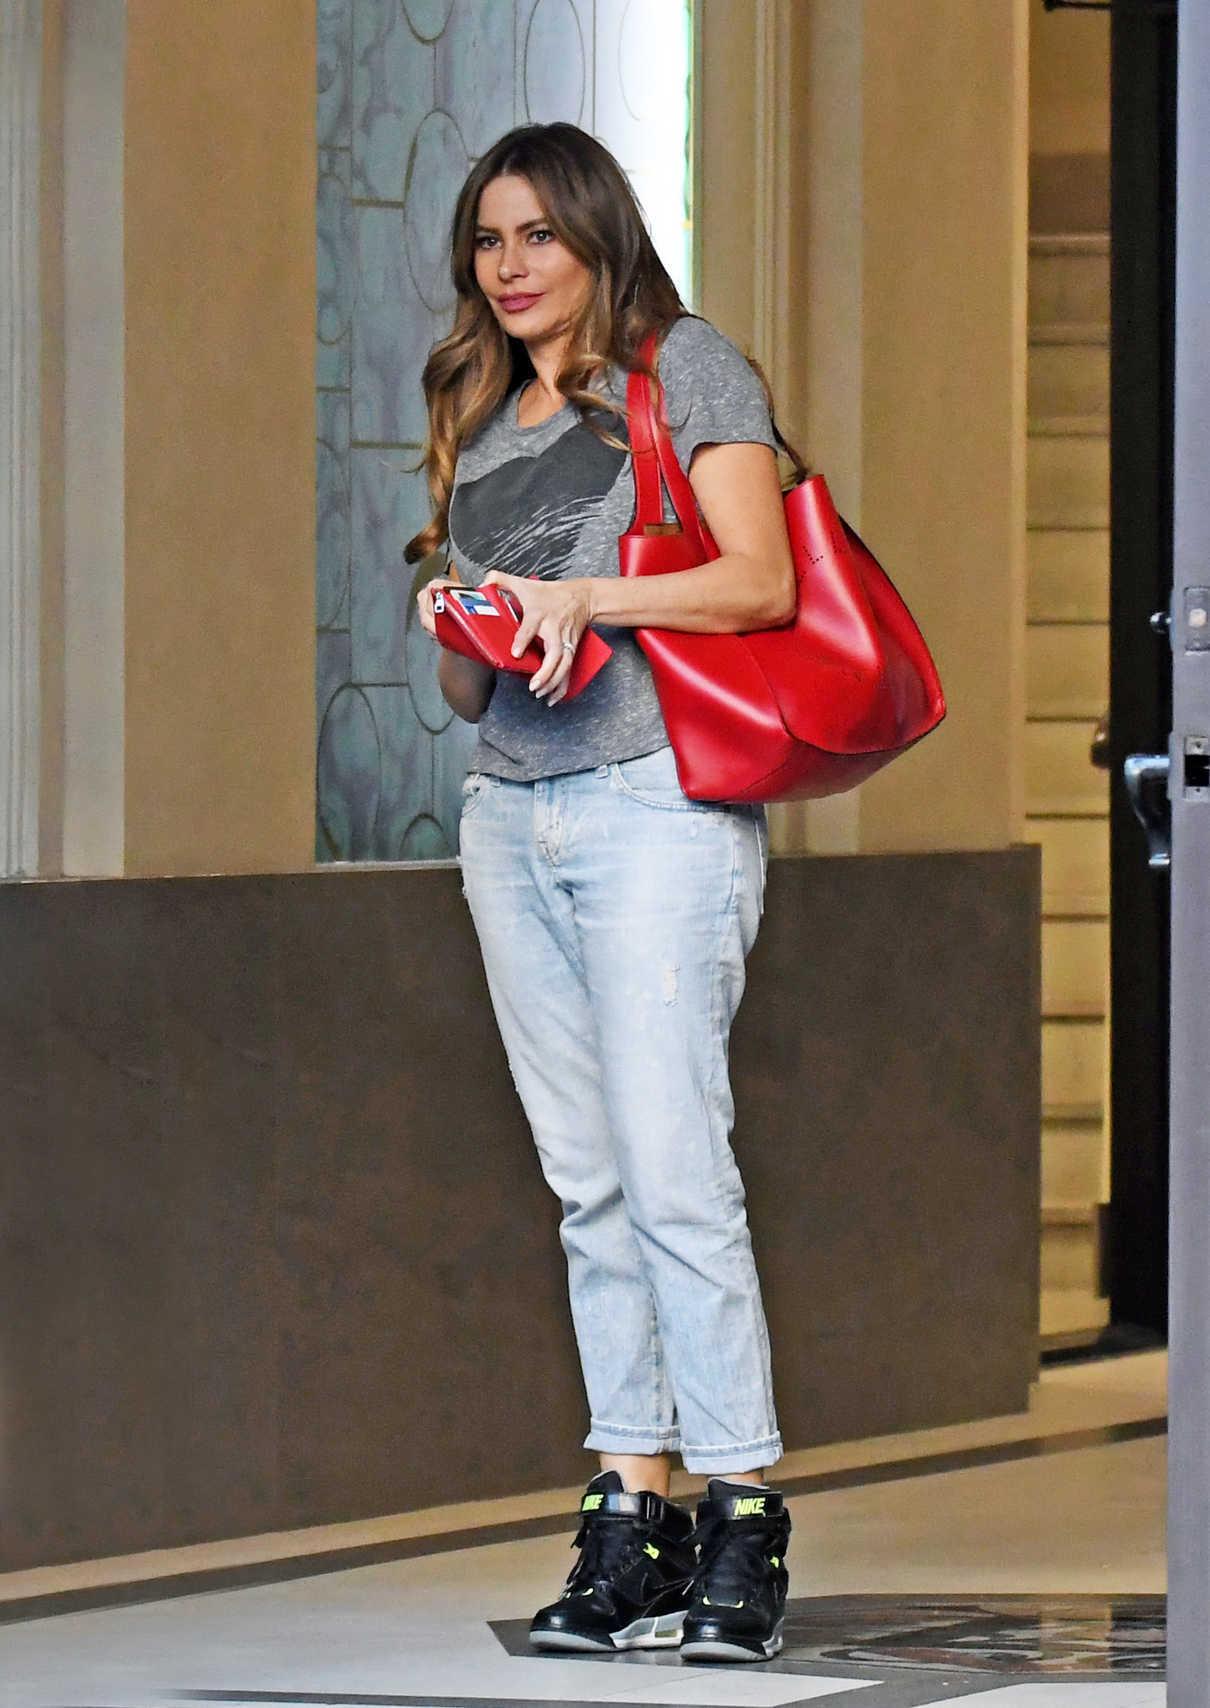 Sofia Vergara in a Gray T-Shirt